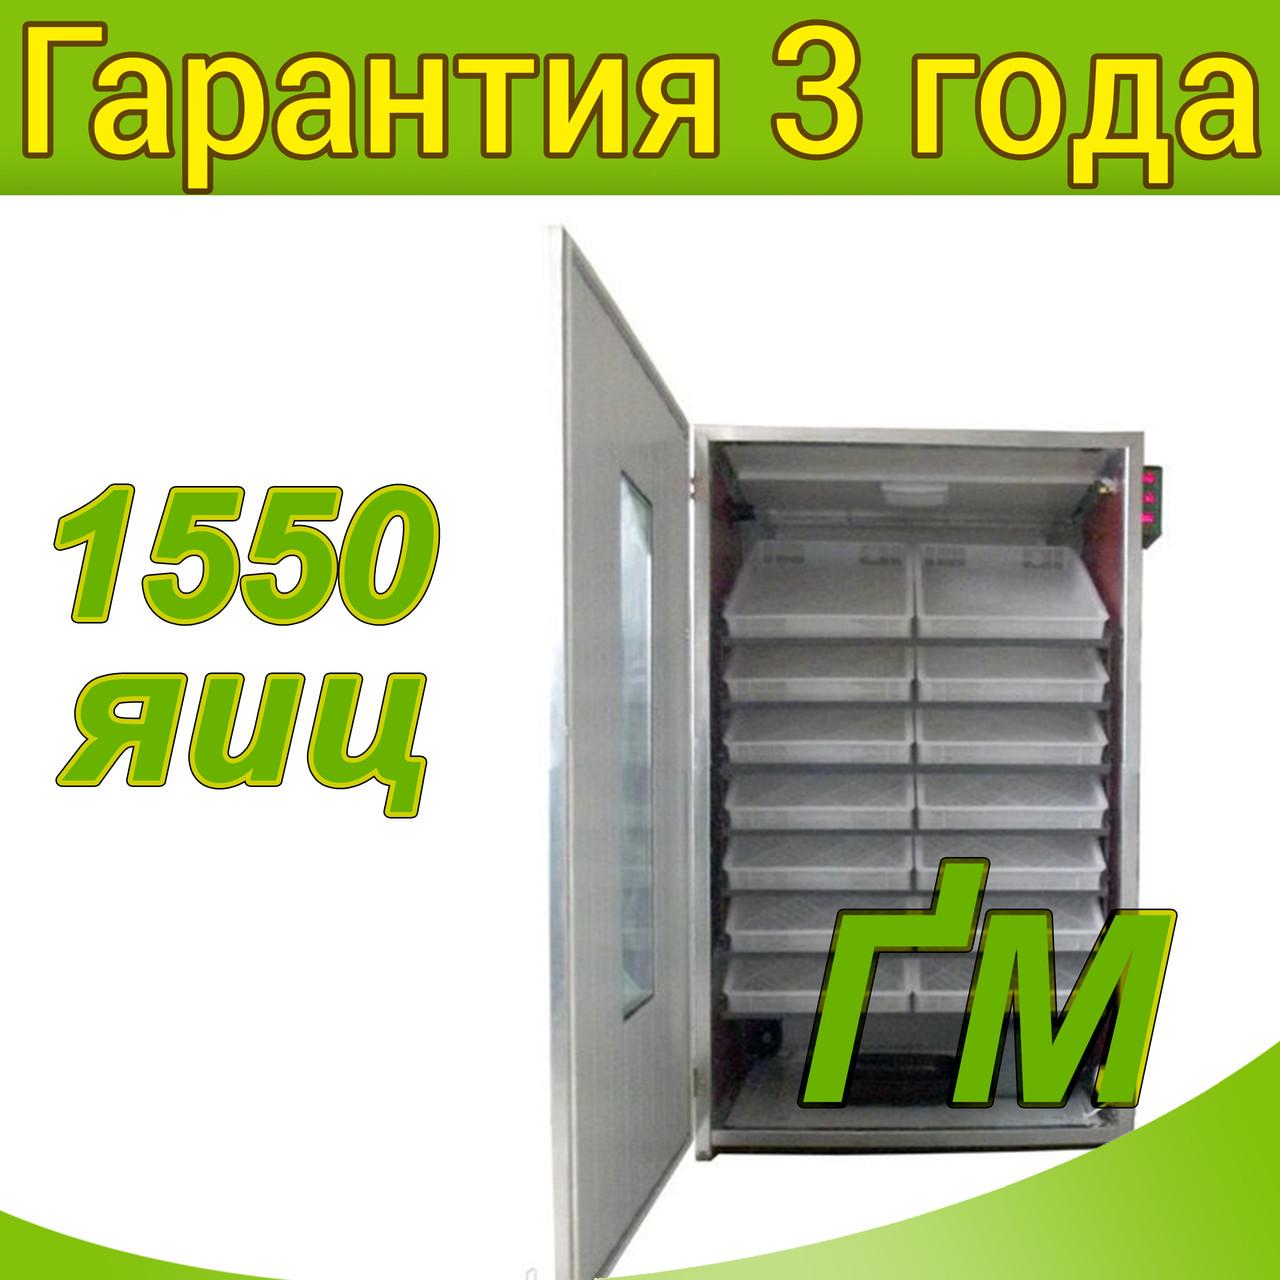 Інкубатор промисловий Тандем-1550